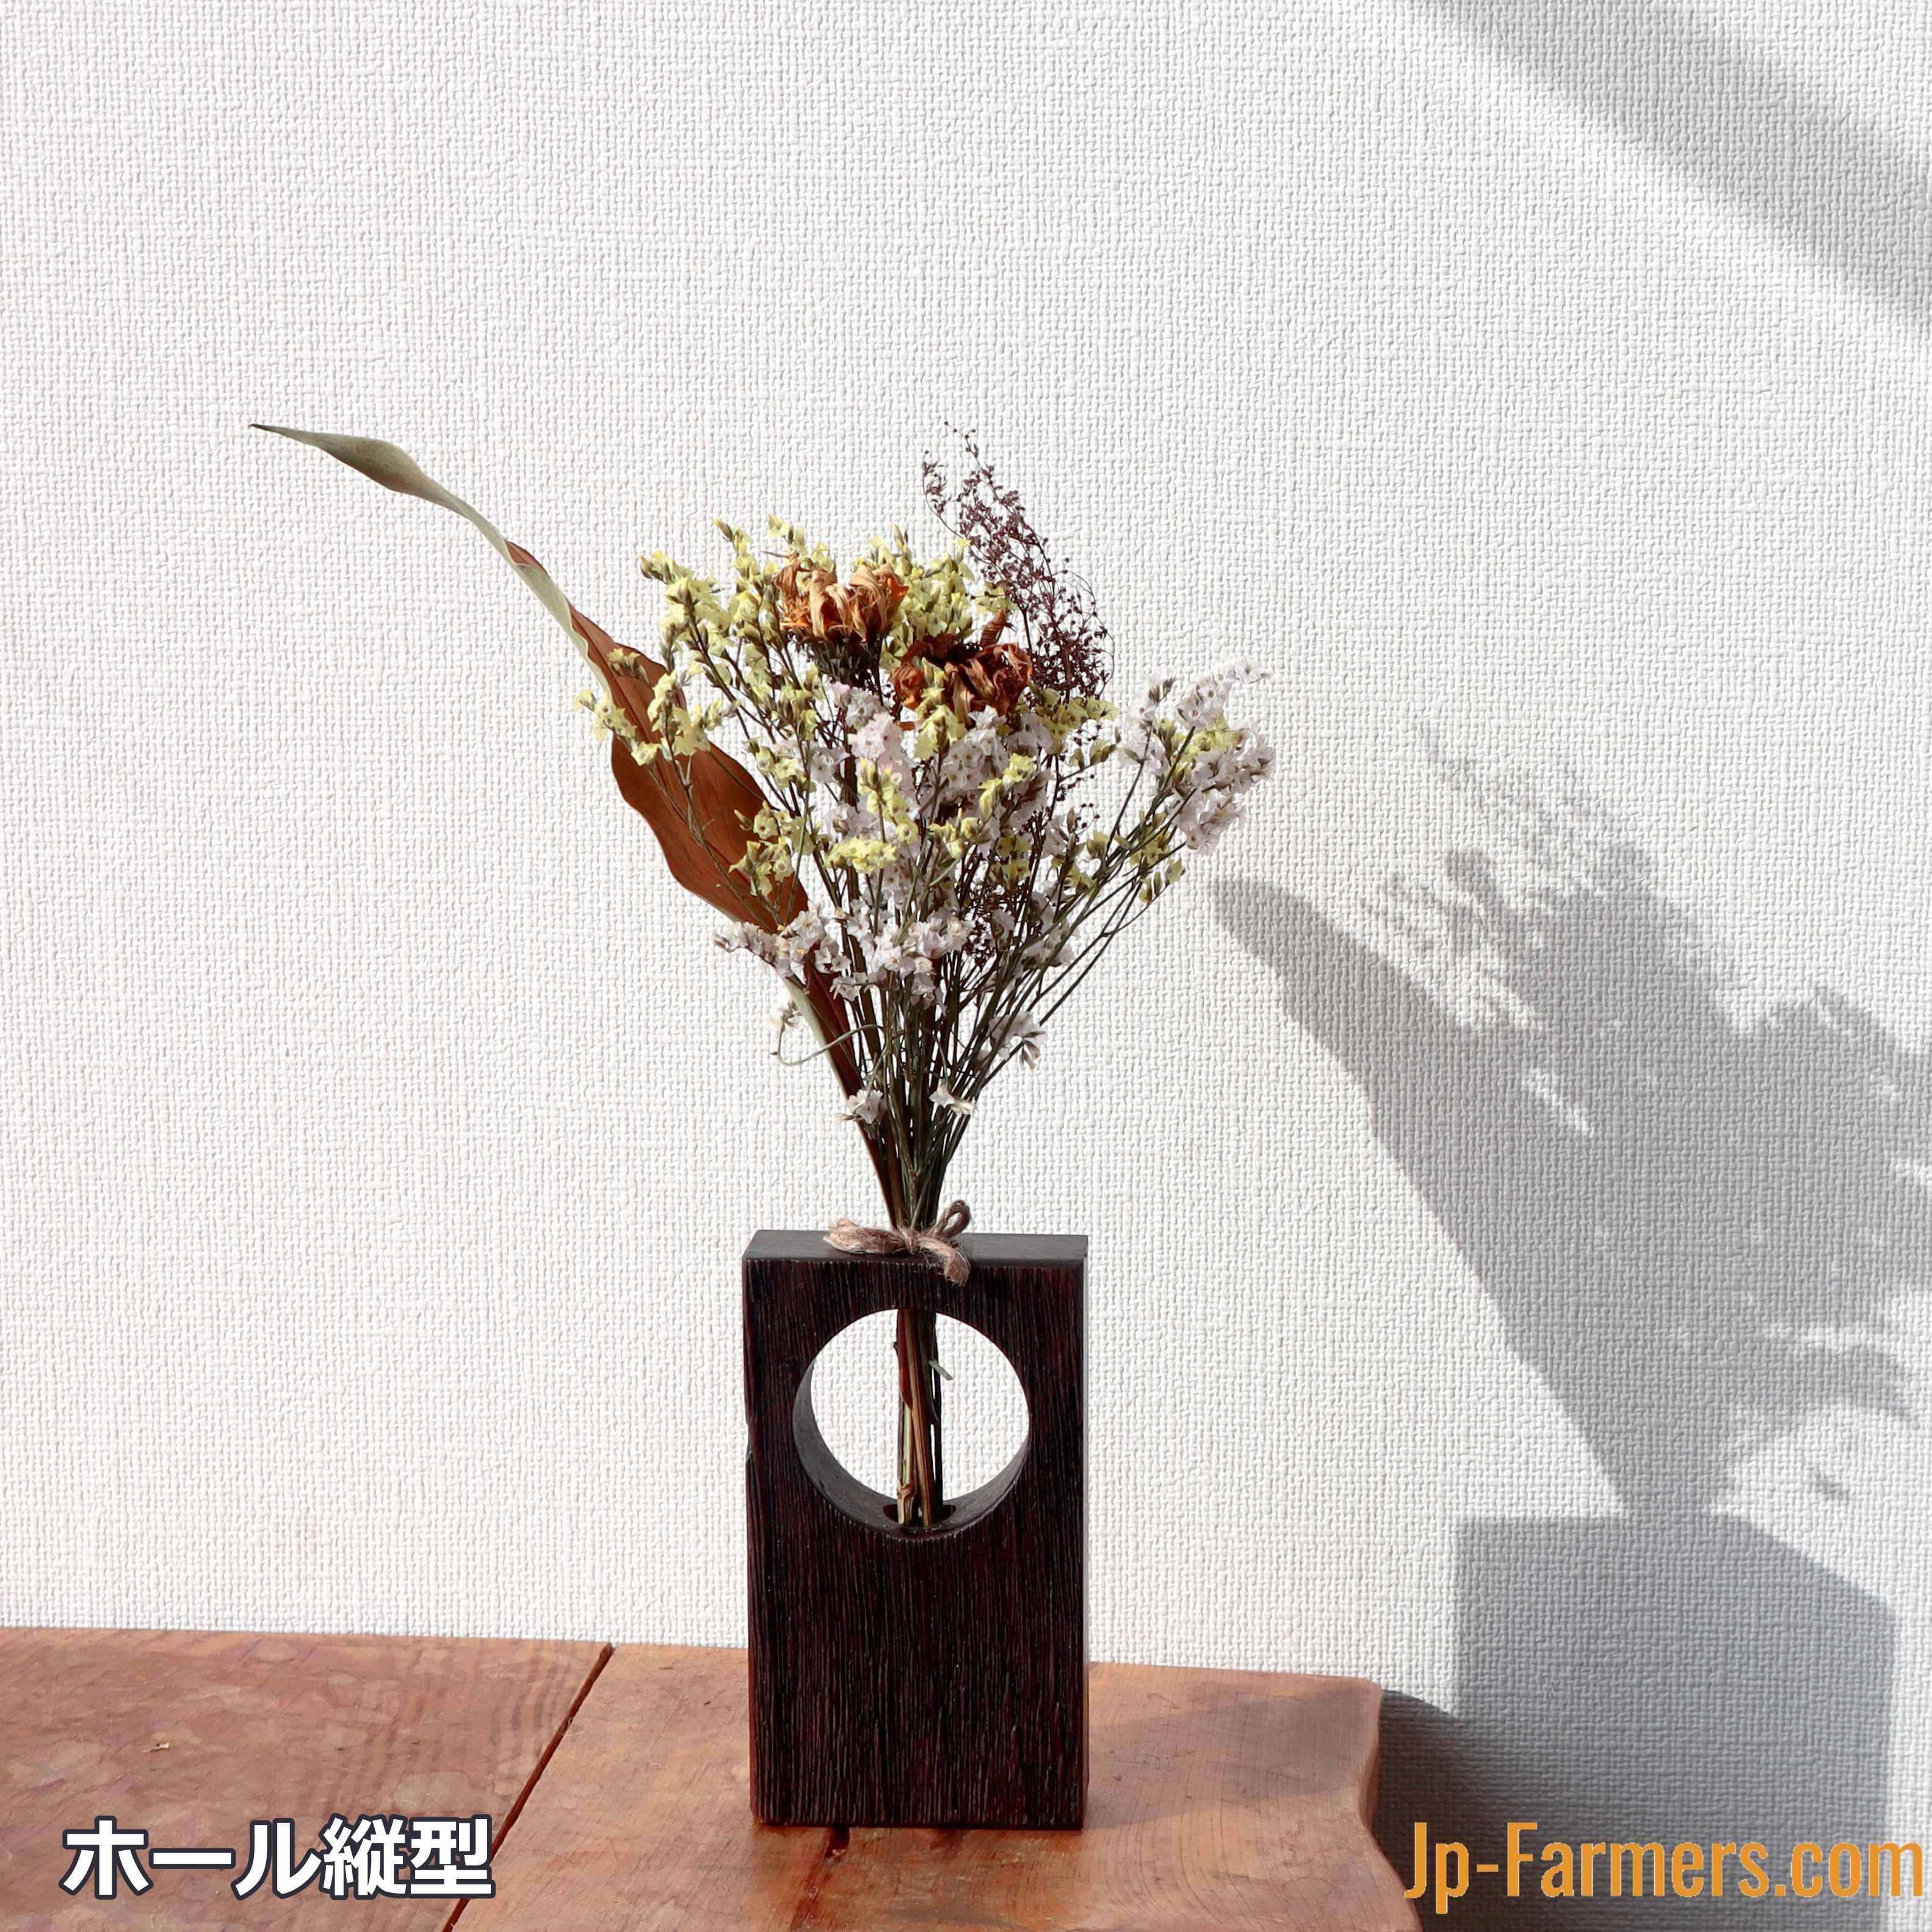 さりげなく花のある暮らしを ドライフラワー付き古材ウッド ホール縦型